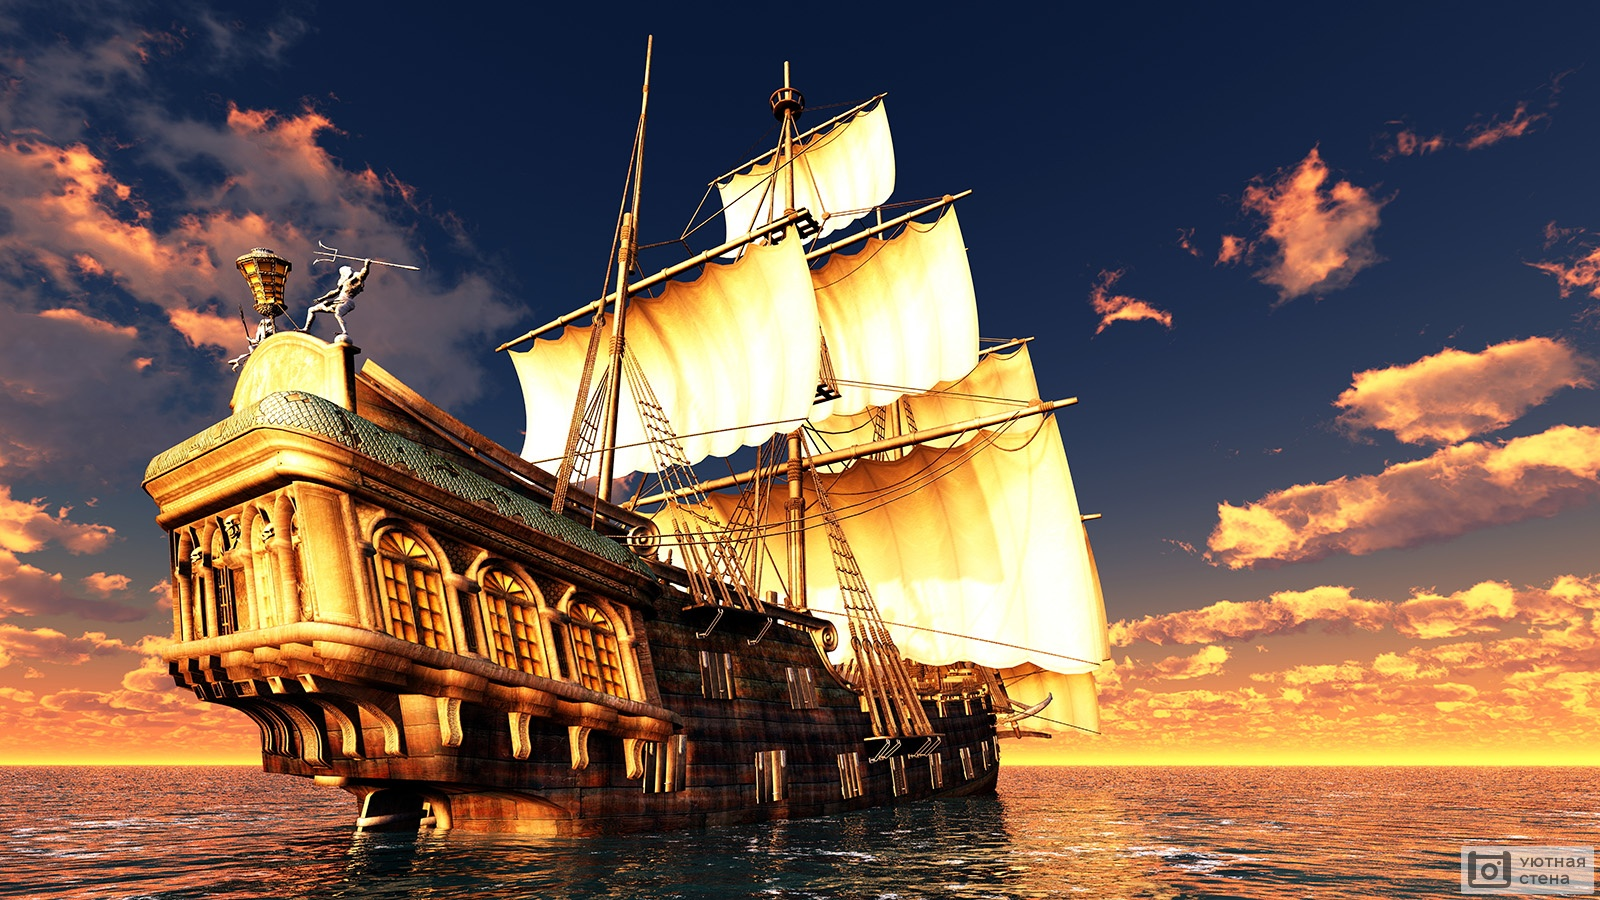 именно, лоб корабль с богатством фото фрески способы установки подрозетников